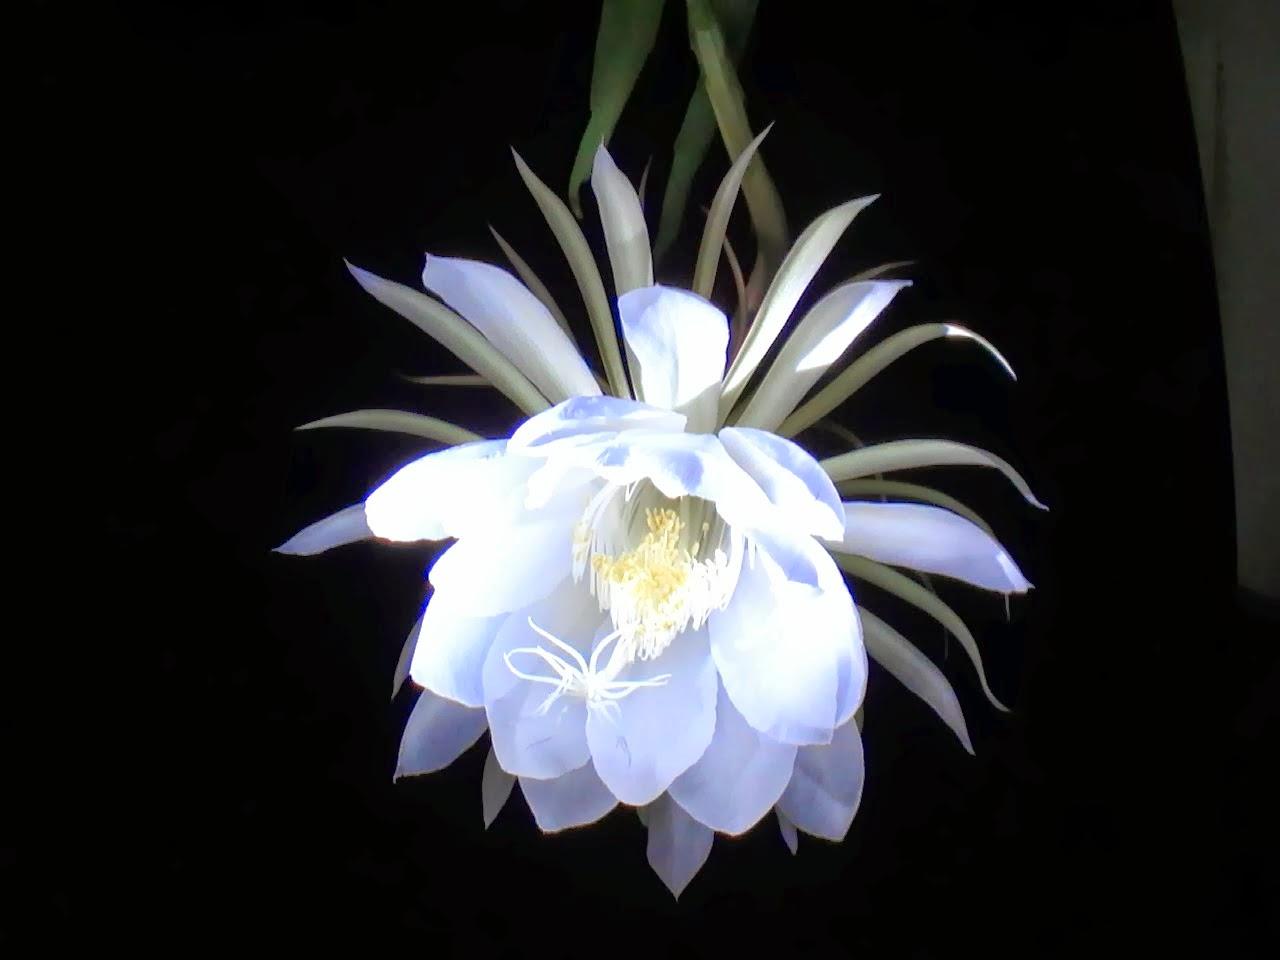 Chữa bệnh sỏi thận bằng hoa quỳnh